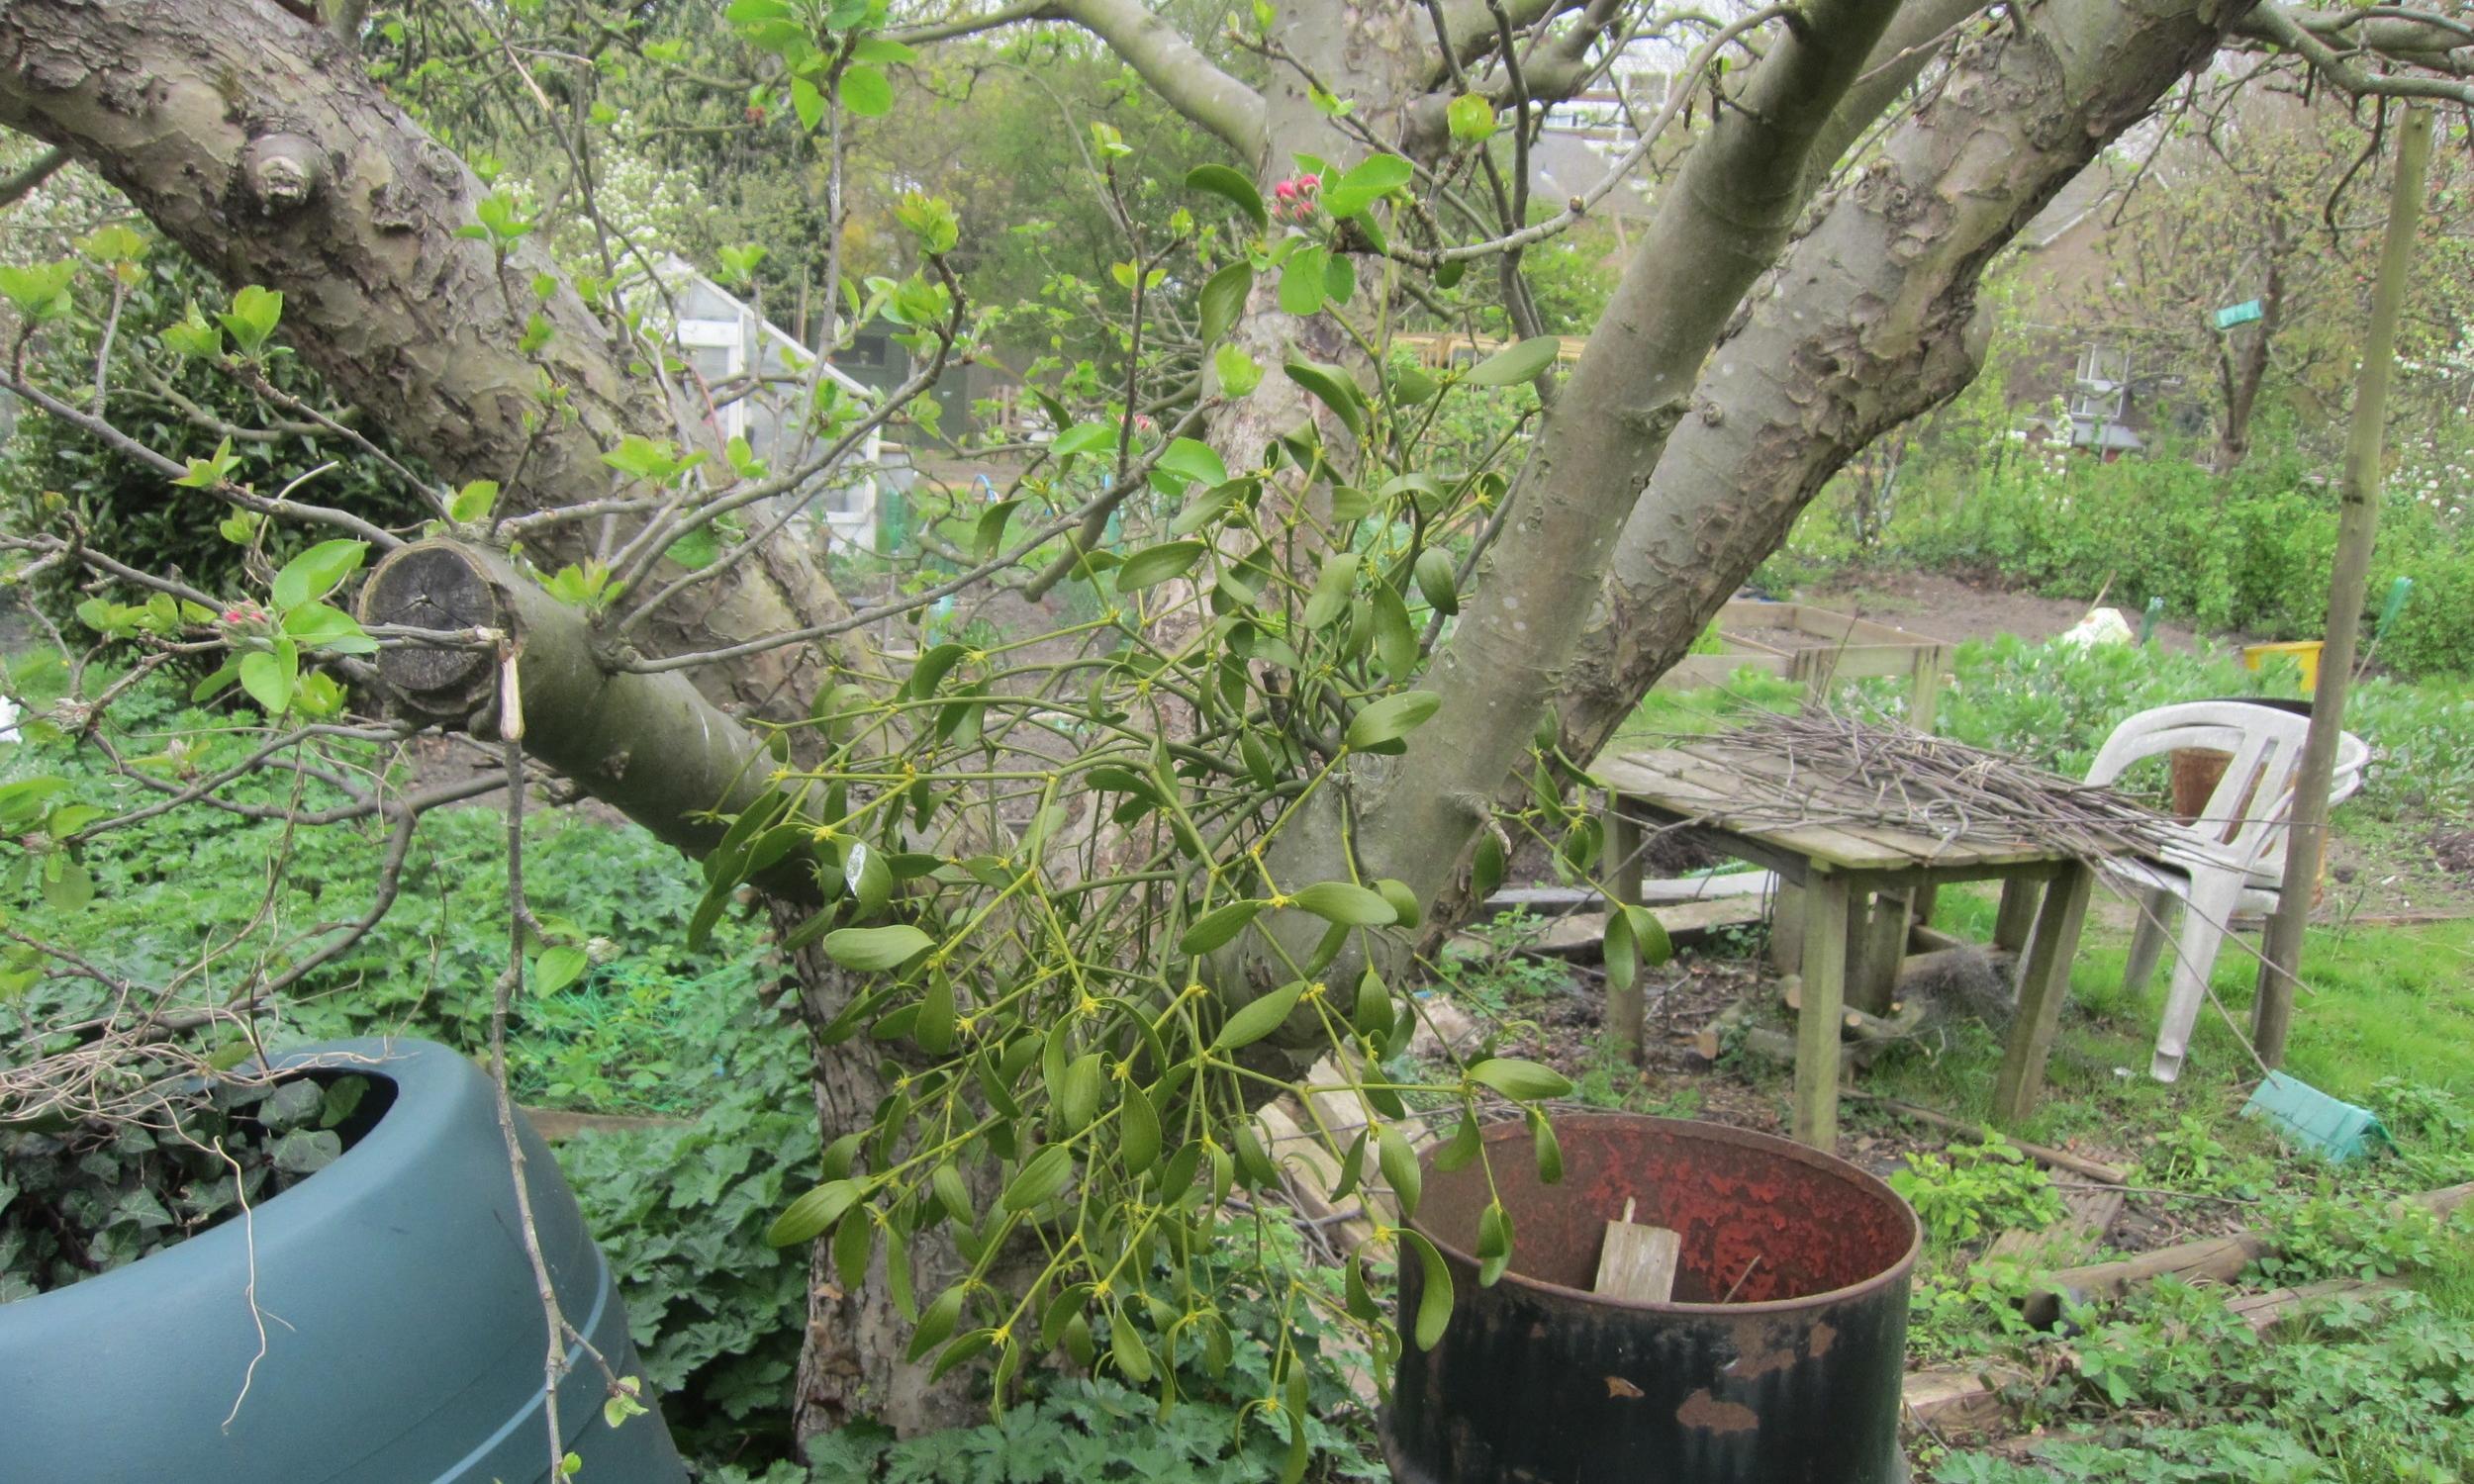 Mistletoe-pic-by-Daniel-Hackett-IMG_0434.JPG